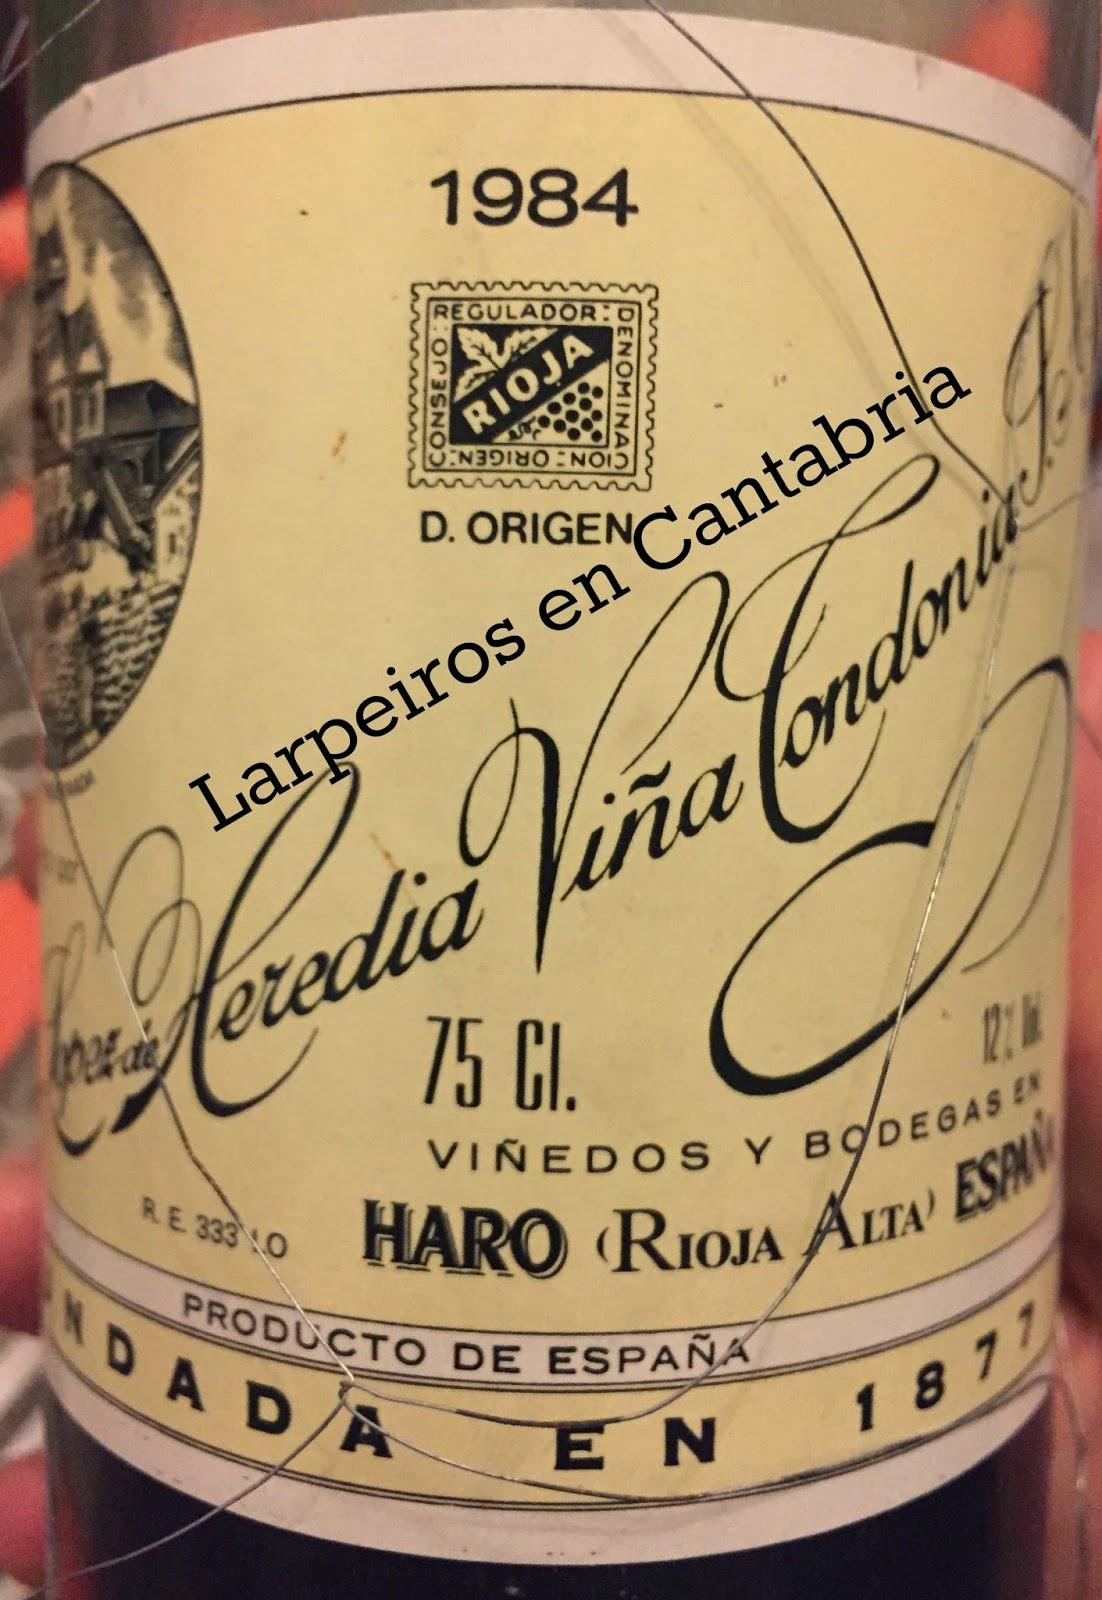 Vino Blanco Viña Tondonia de 1984: Gracias Vino-Vintage